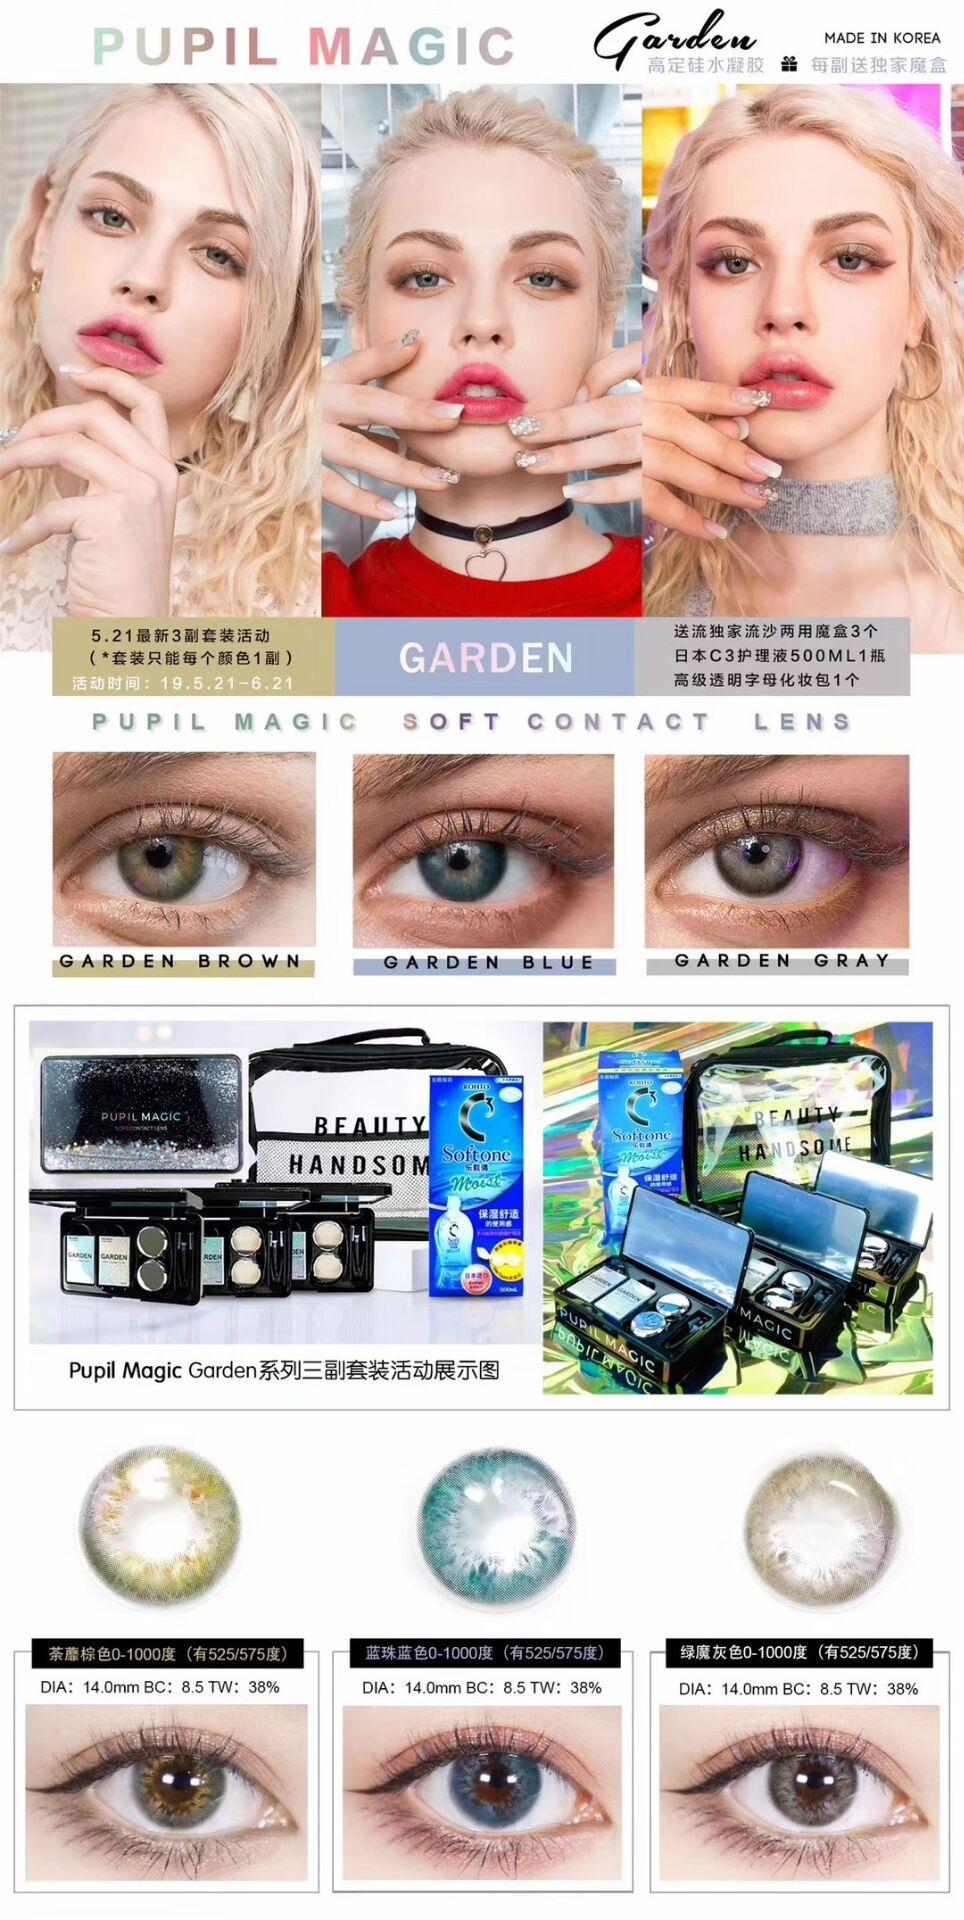 """Pupil Magic瞳术花园系列5.21""""我爱你""""最新活动"""